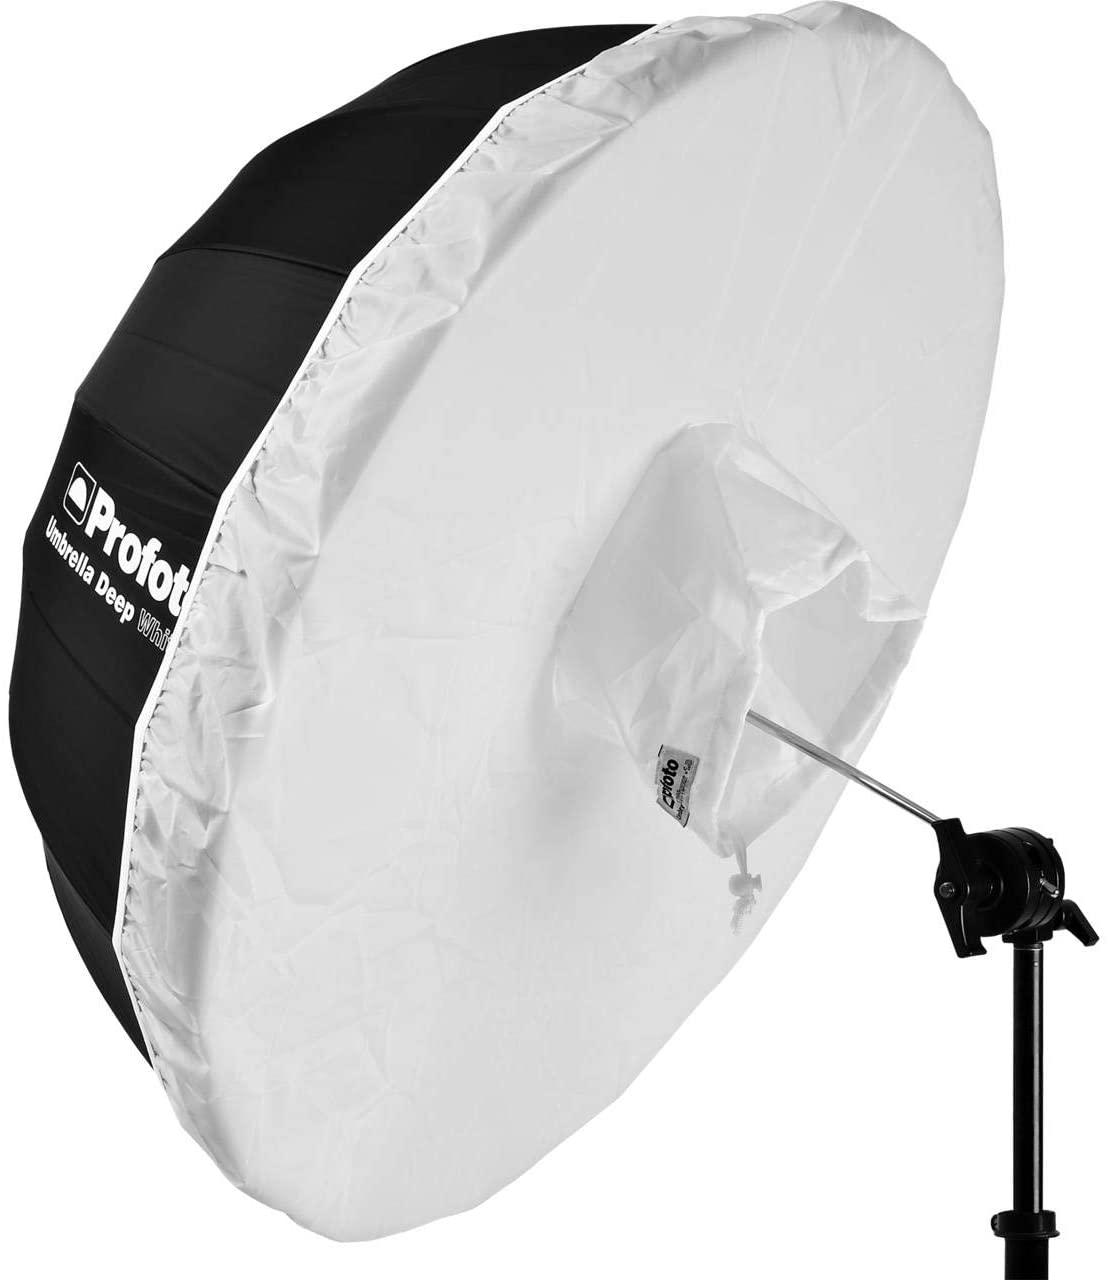 Parapluie classique studio photo